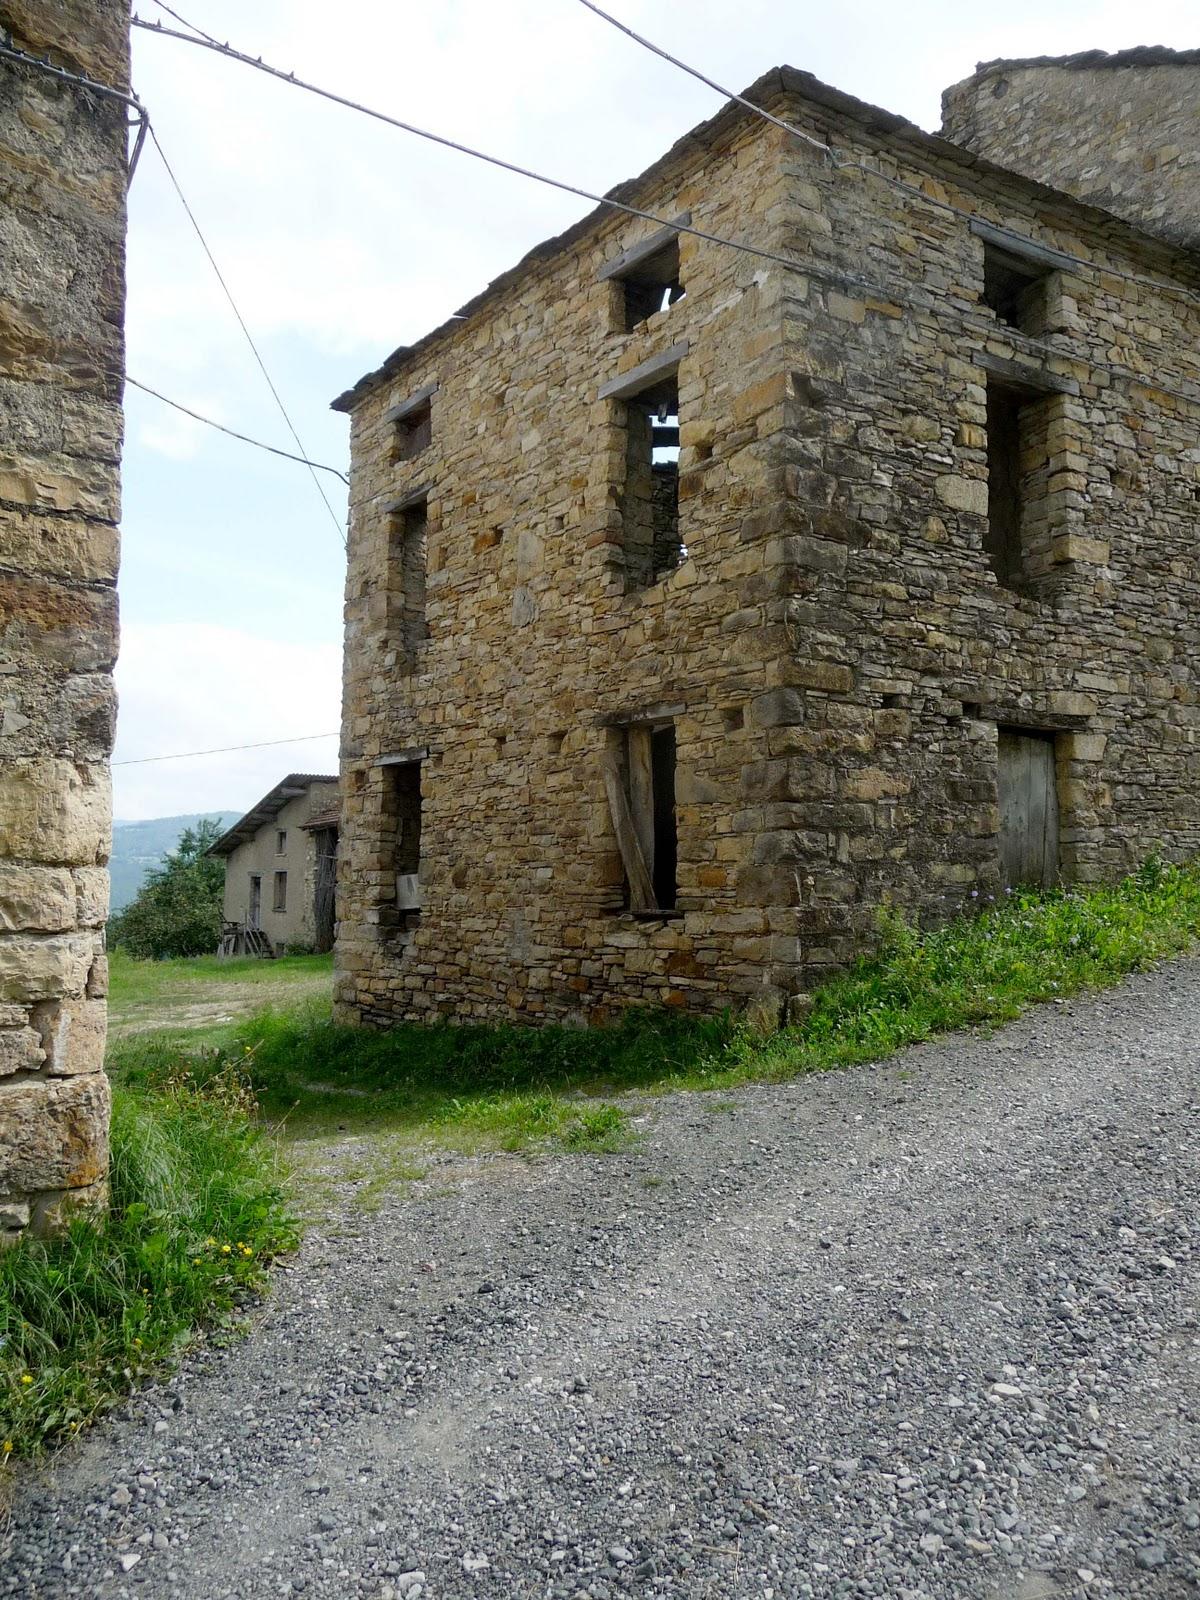 Costageminiana viaggio a costageminiana frazione di bardi for Fienile casa piani casa